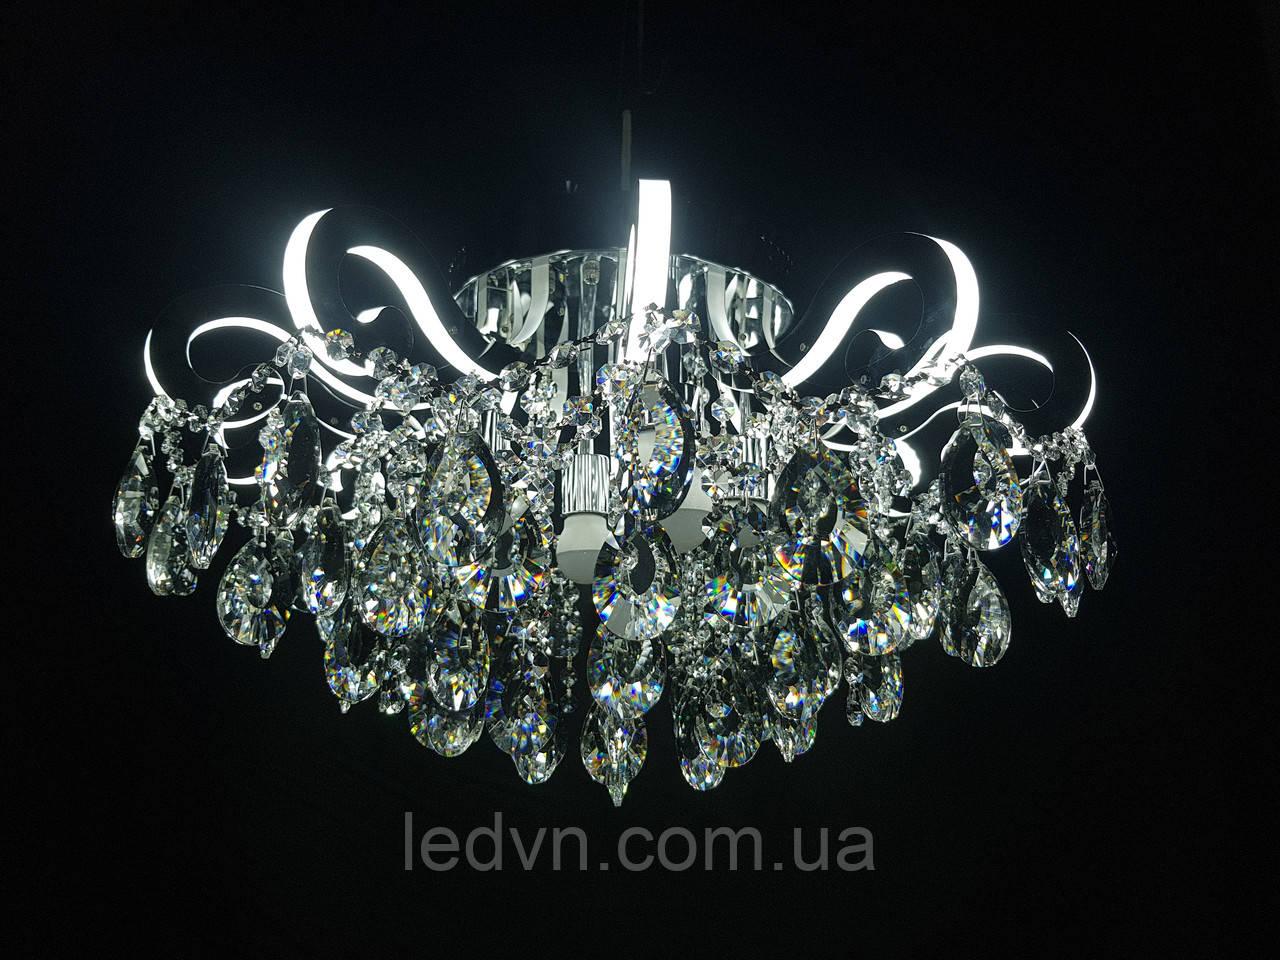 Кришталева люстра зі світними ріжками LED 4+12 65см діаметр срібло